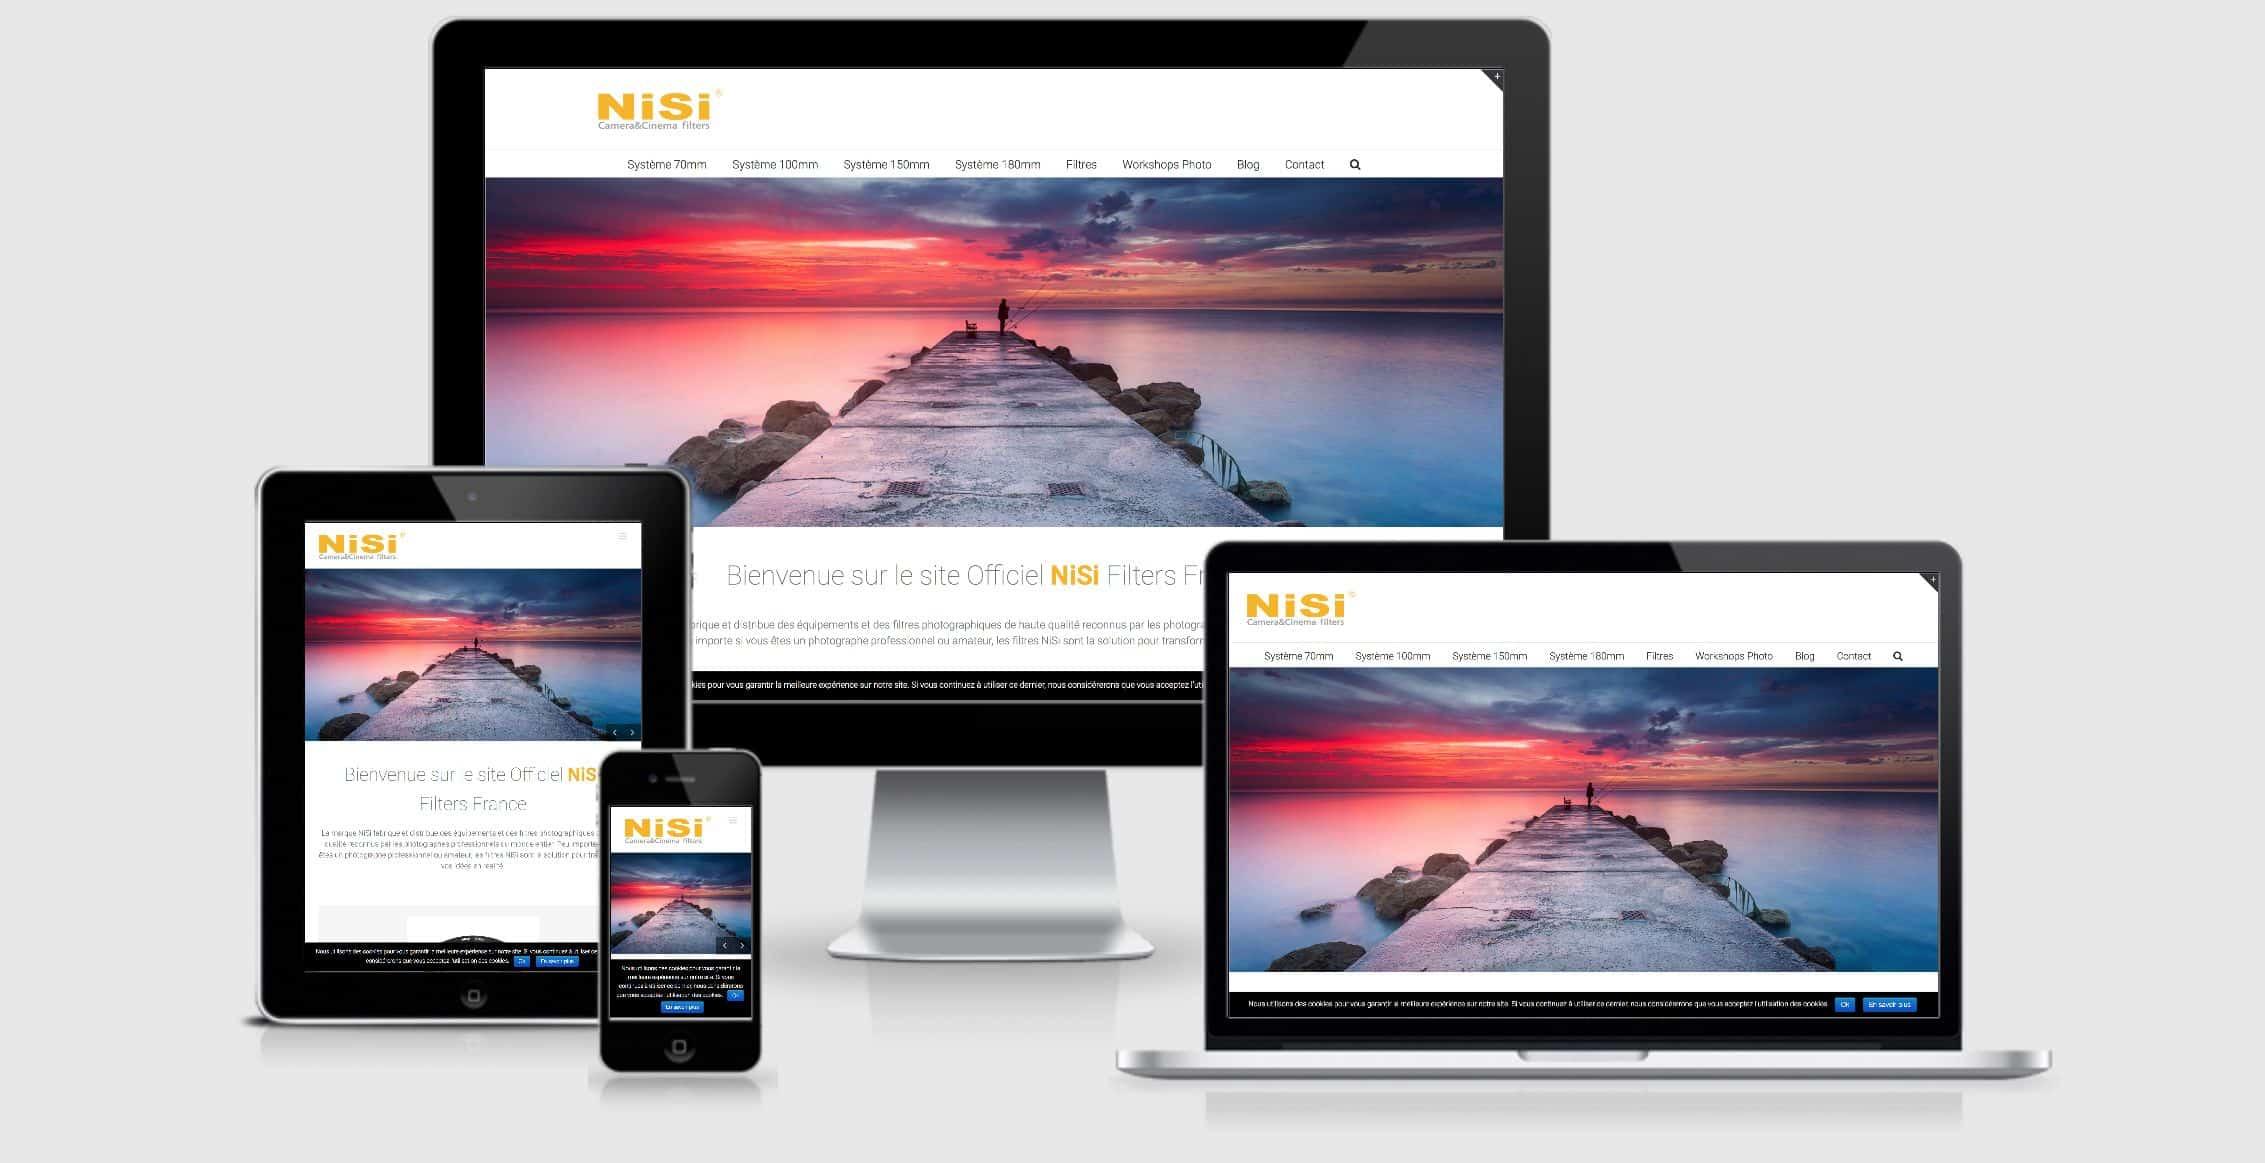 NiSi Filters France Website